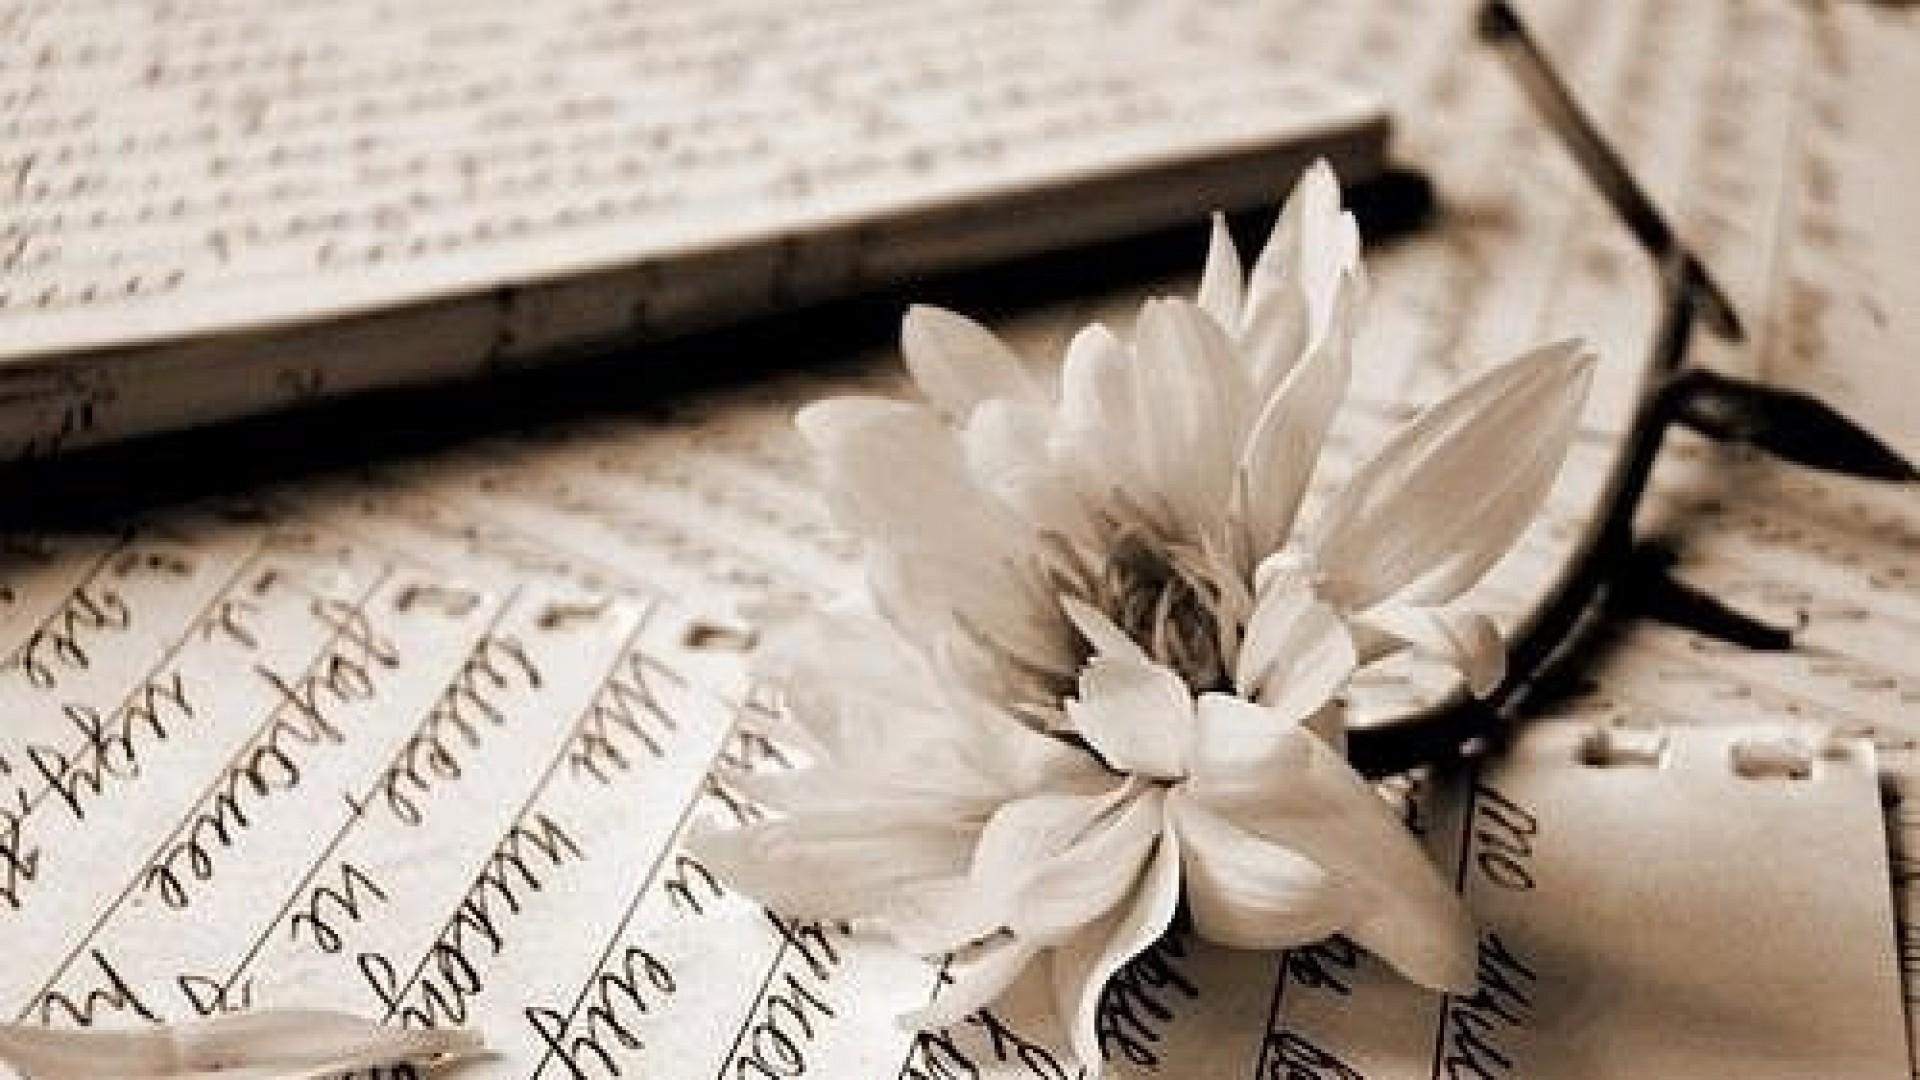 Амортизационное письмо или письма благодарности. Советы счастья на каждый день